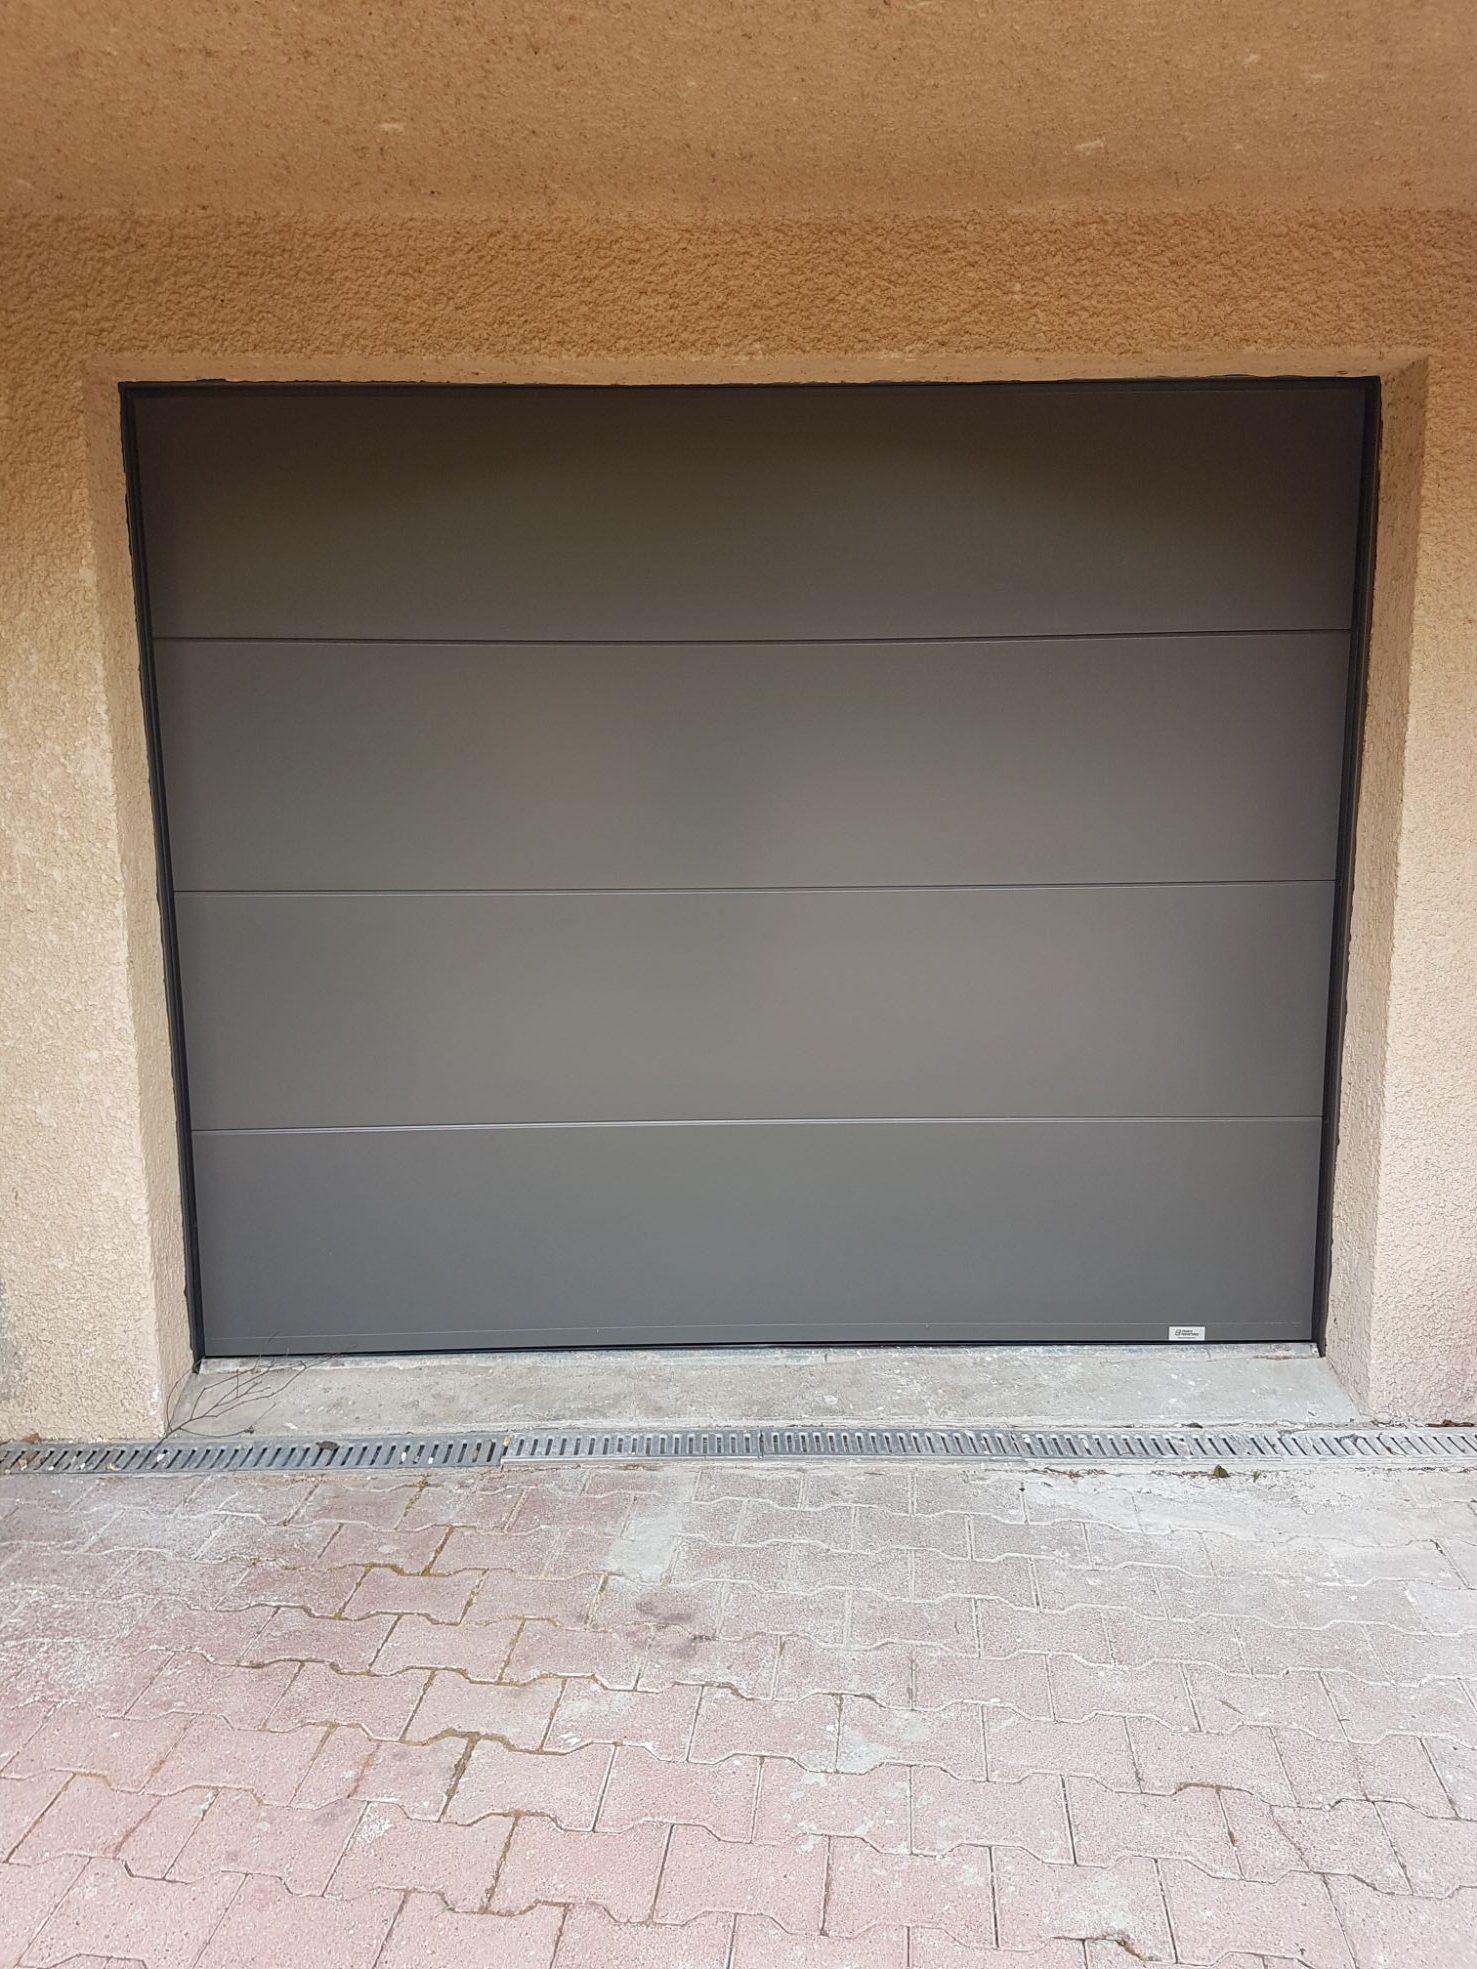 Porte de garage France Fermeture sectionnelle e1556869746595 - GCDH réalise un nouveau chantier à Communay